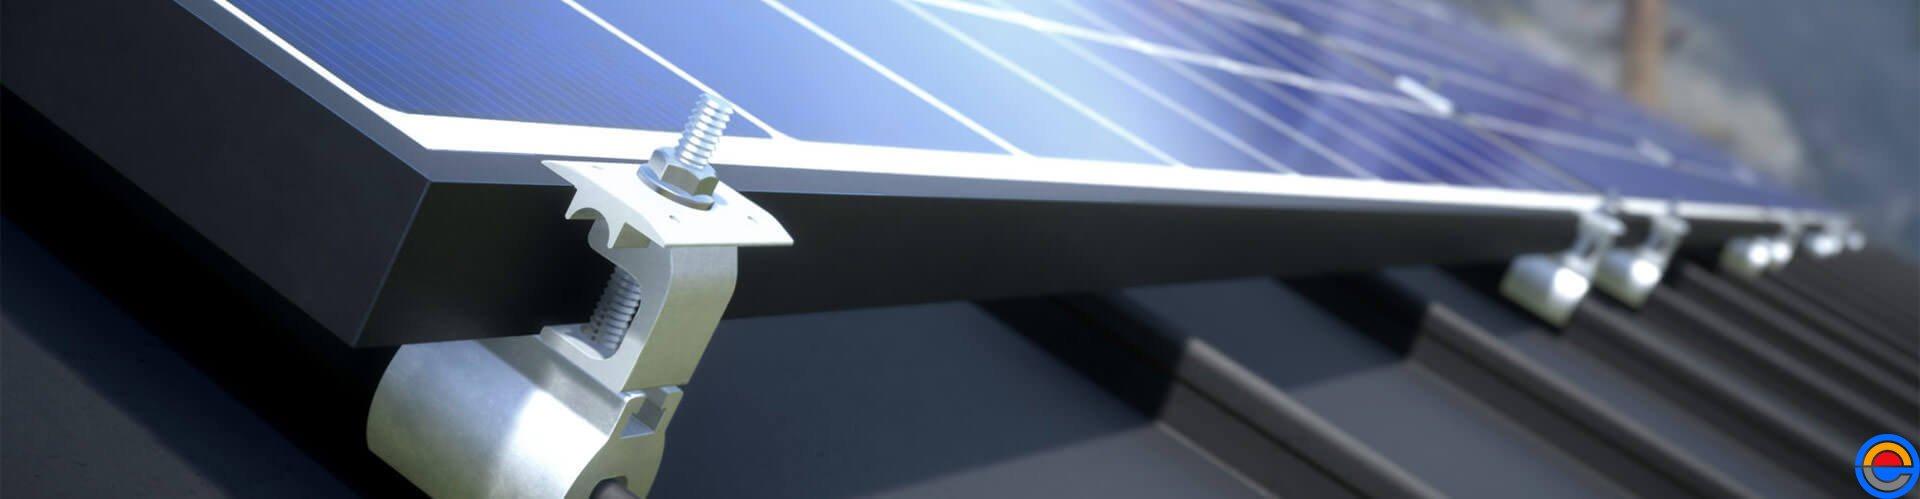 Montageconstructie systeem voor zonnepanelen voor uw solarcarport van de Carportbouwers